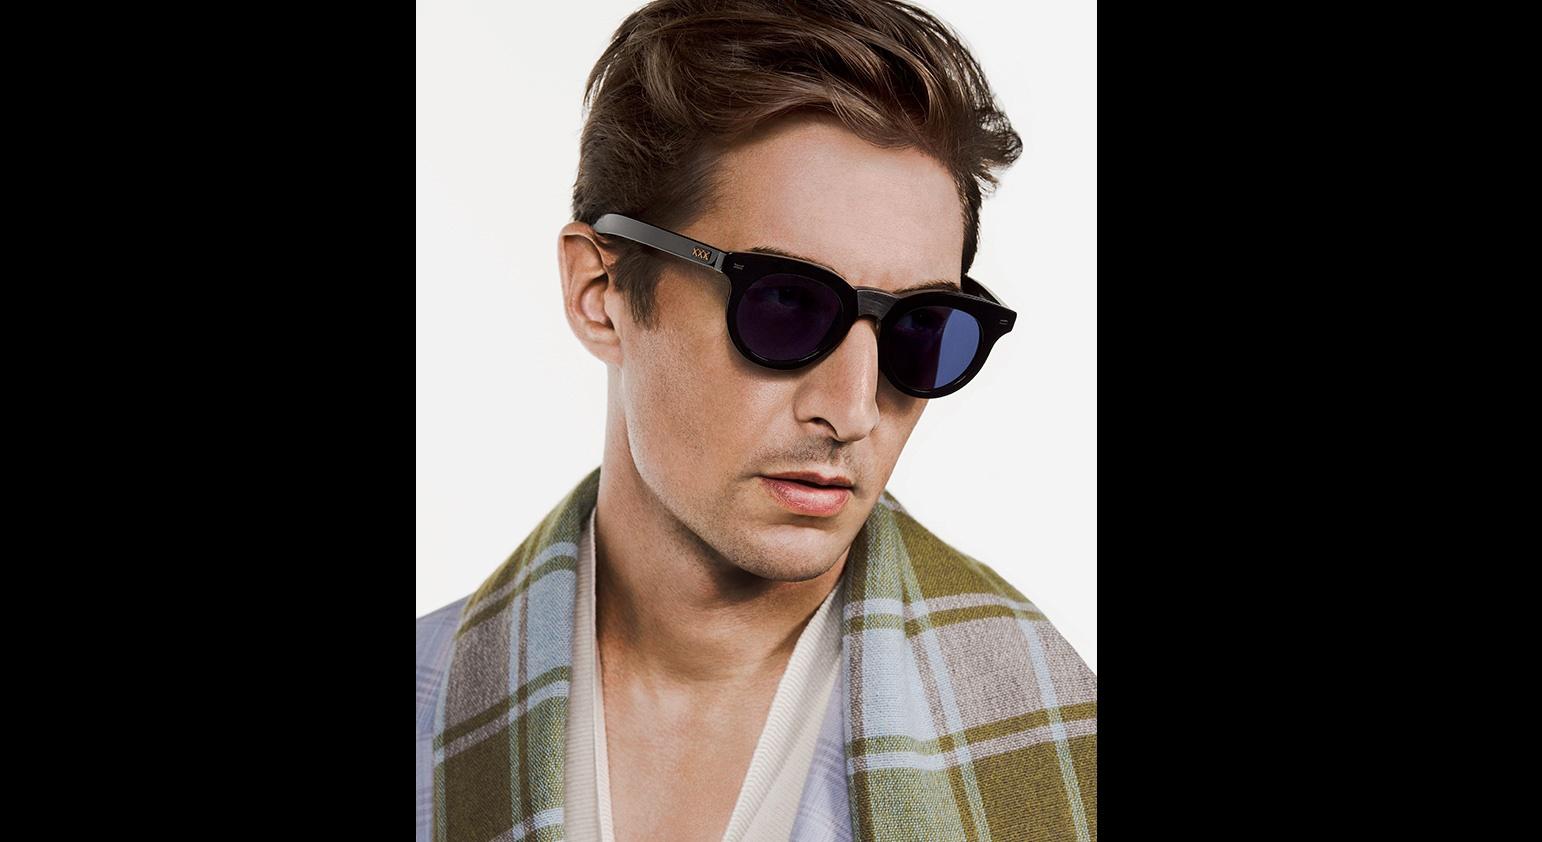 e90afa0cc كيف تختار النظارة الشمسية او الطبية ؟ | مجلة الرجل